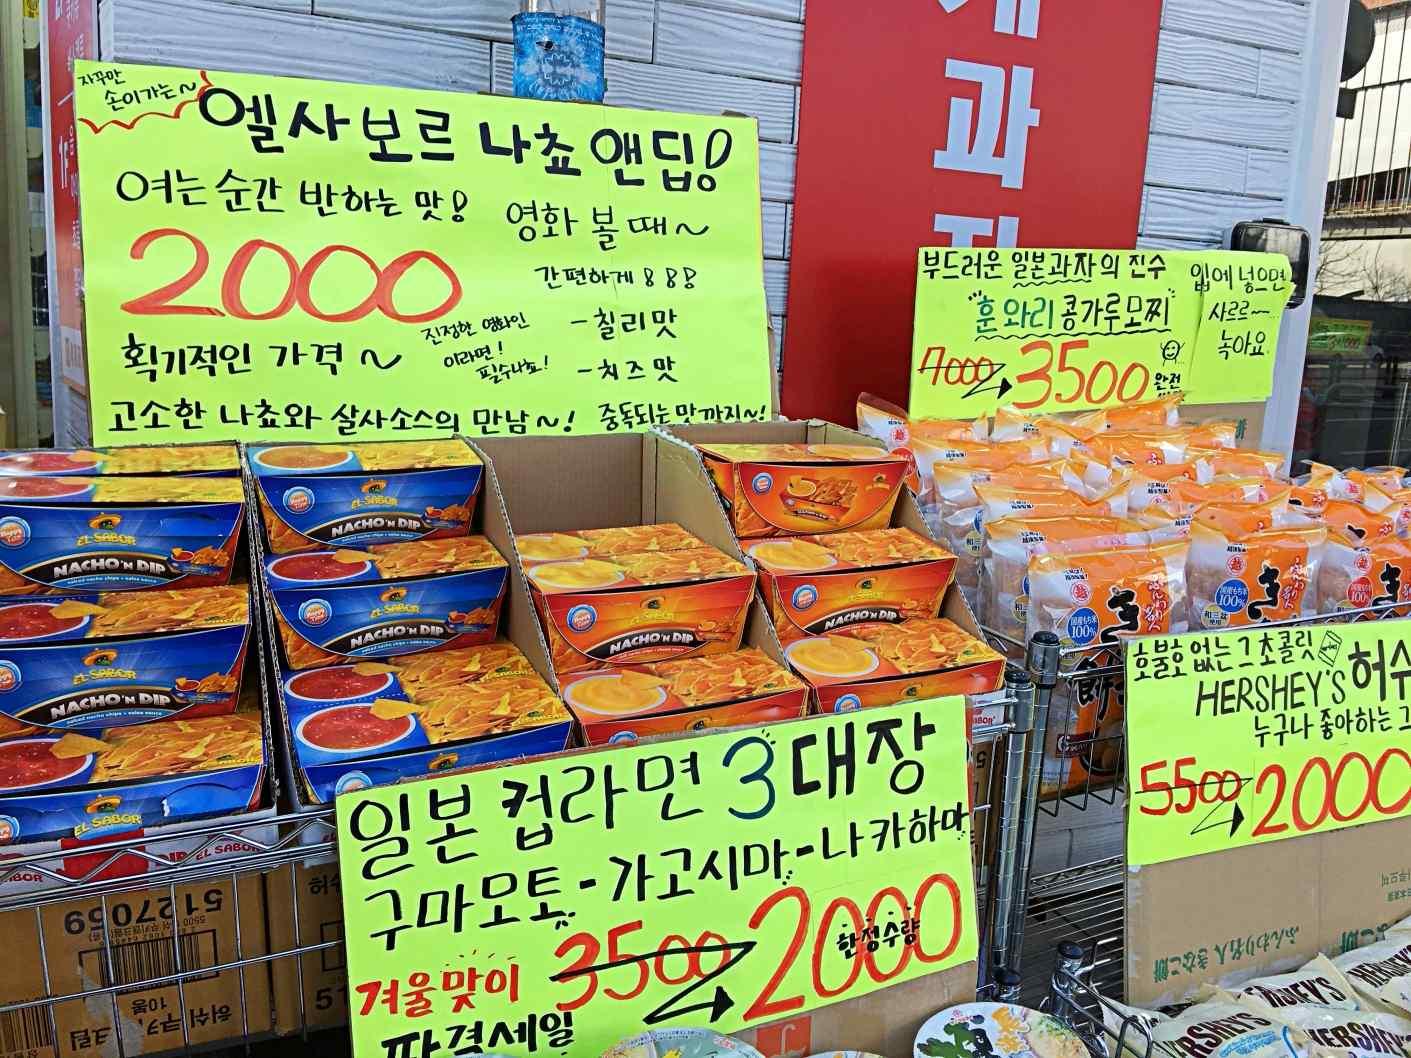 這麼一大盒還附沾醬的餅乾只要2000 韓元(驚!)